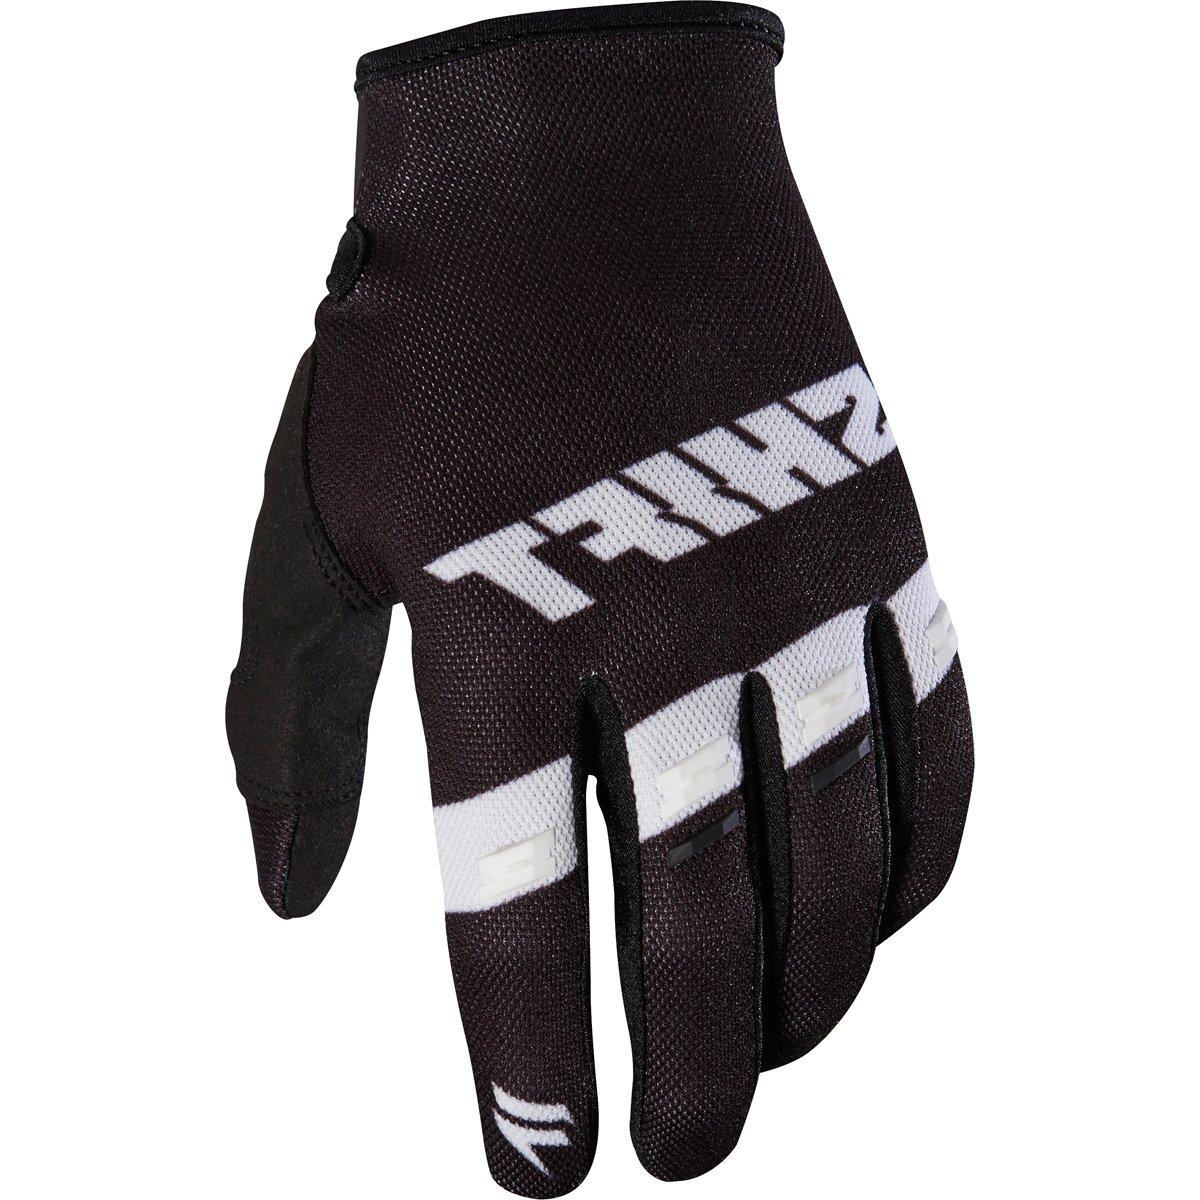 2017 Shift White Label Air Gloves-Black/White-L